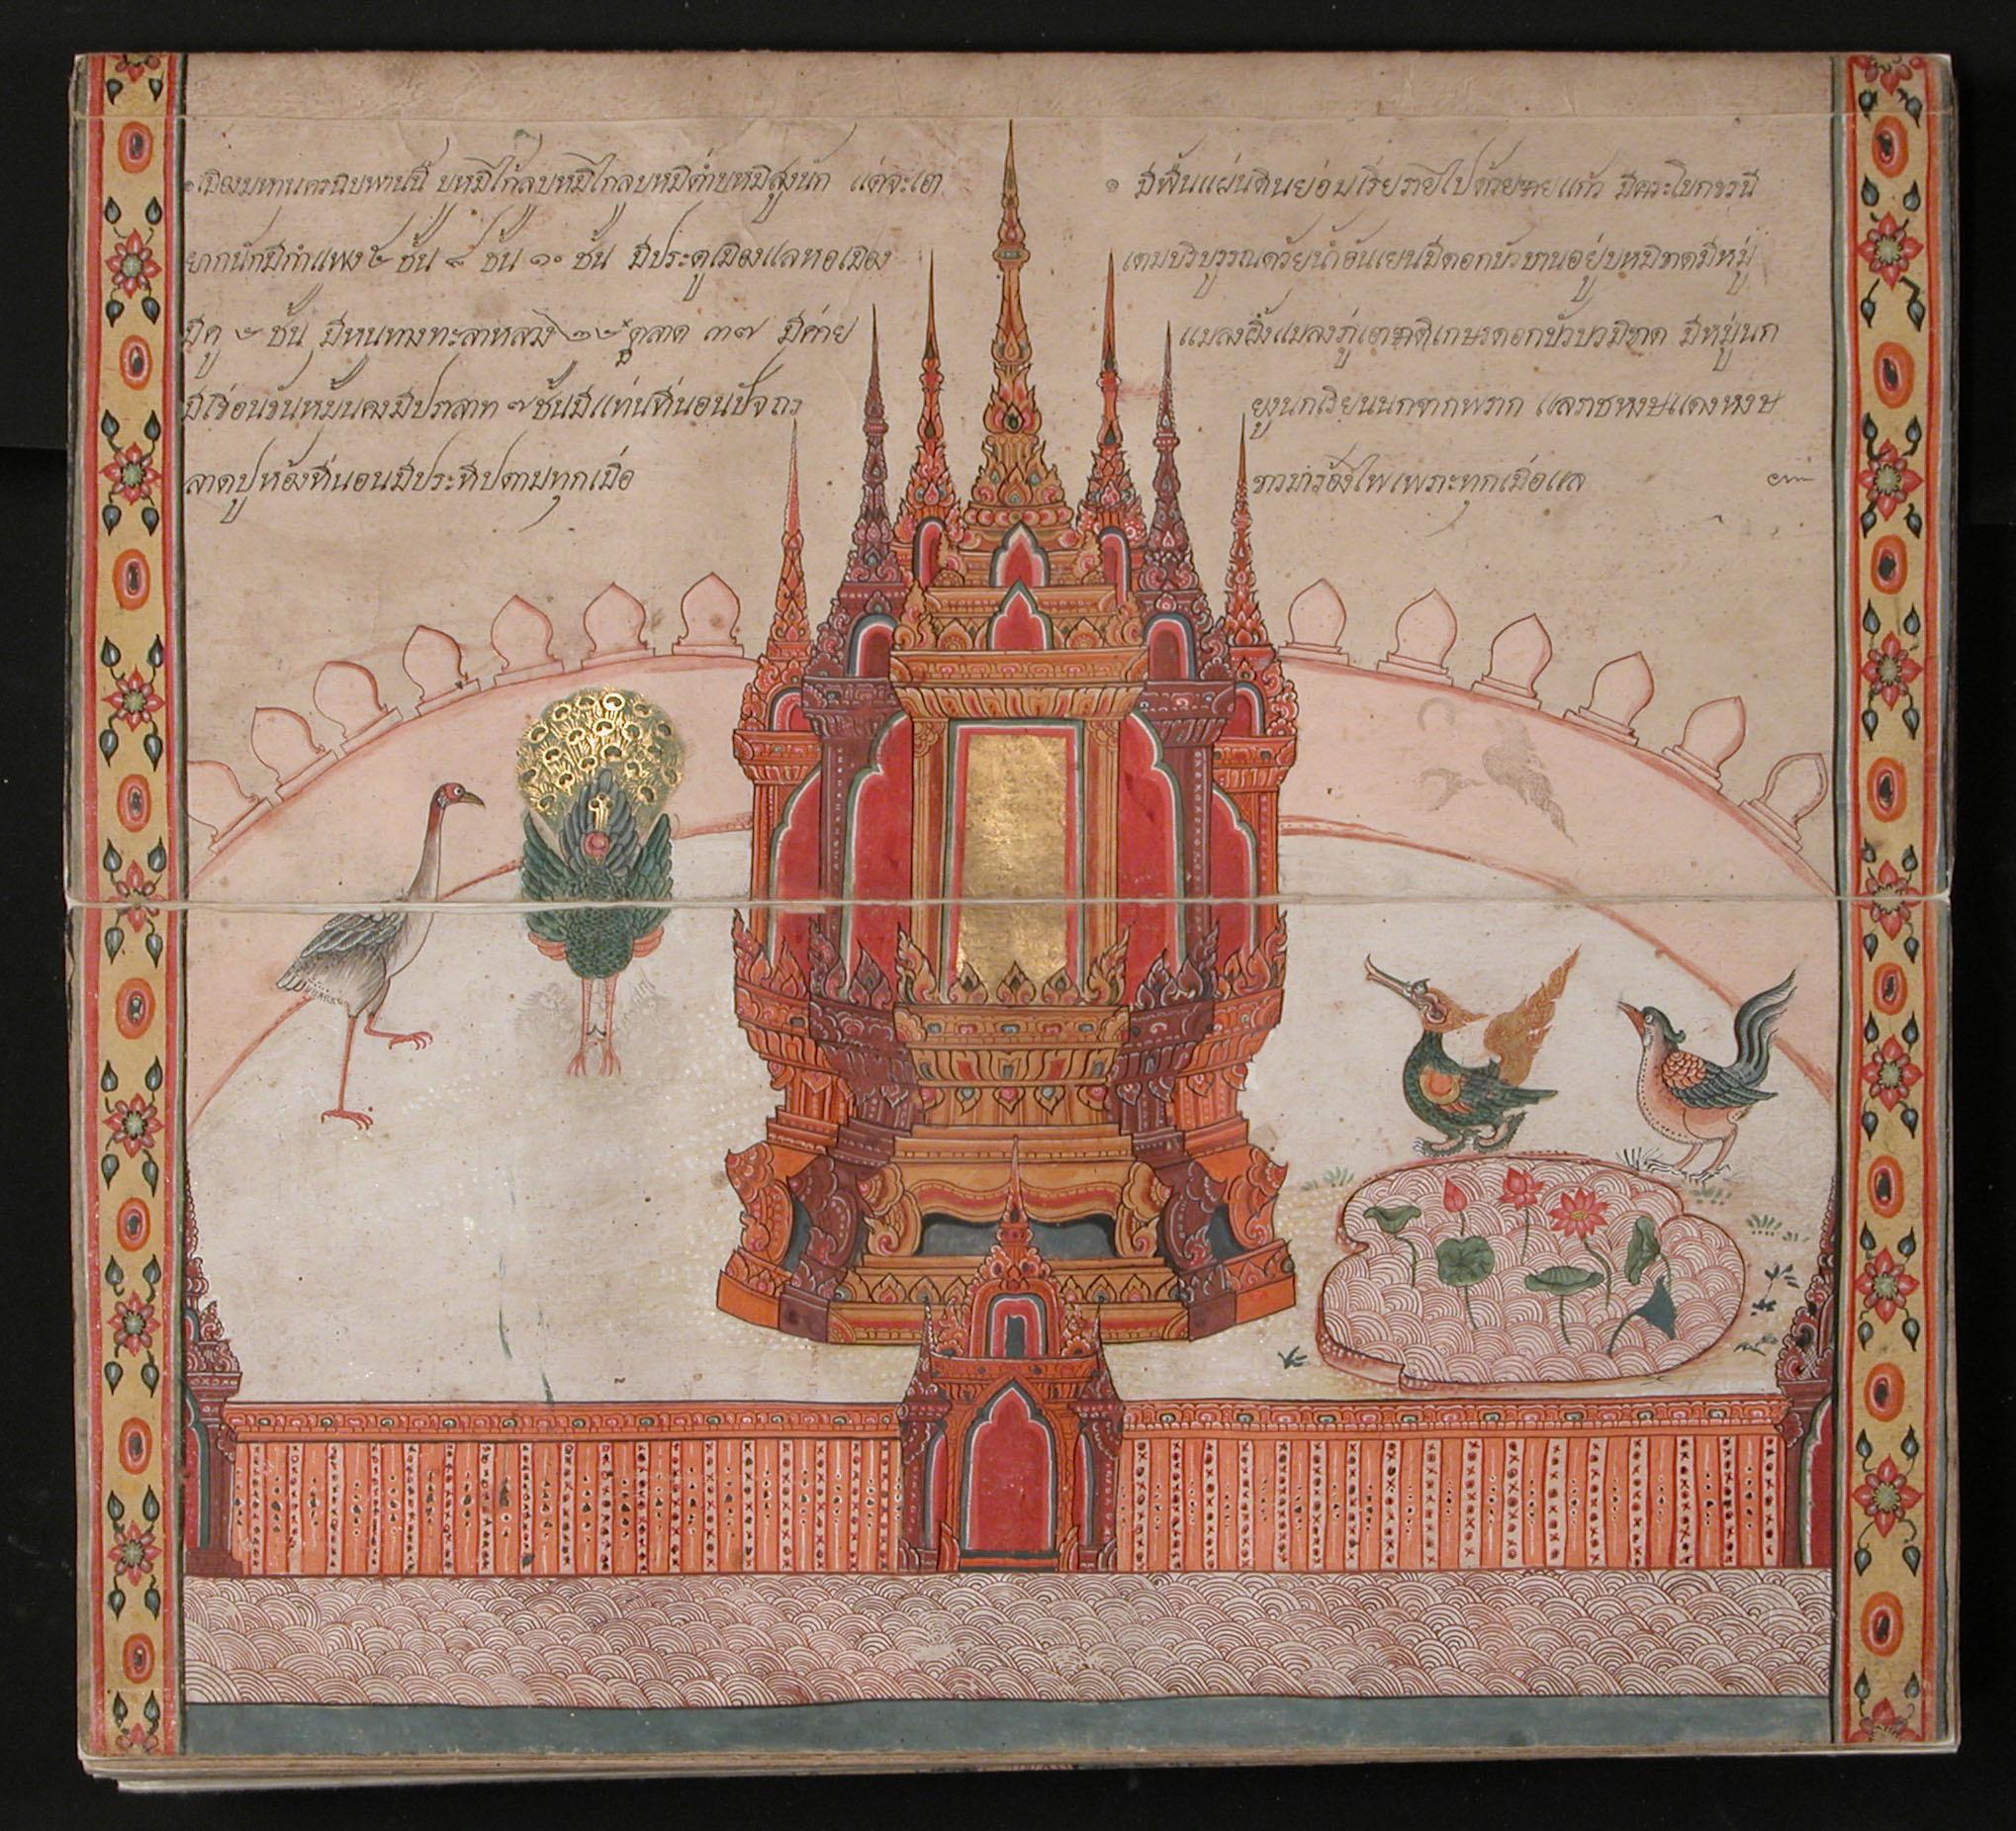 - Museum für Asiatische Kunst der Staatlichen Museen zu Berlin–Preußischer Kulturbesitz